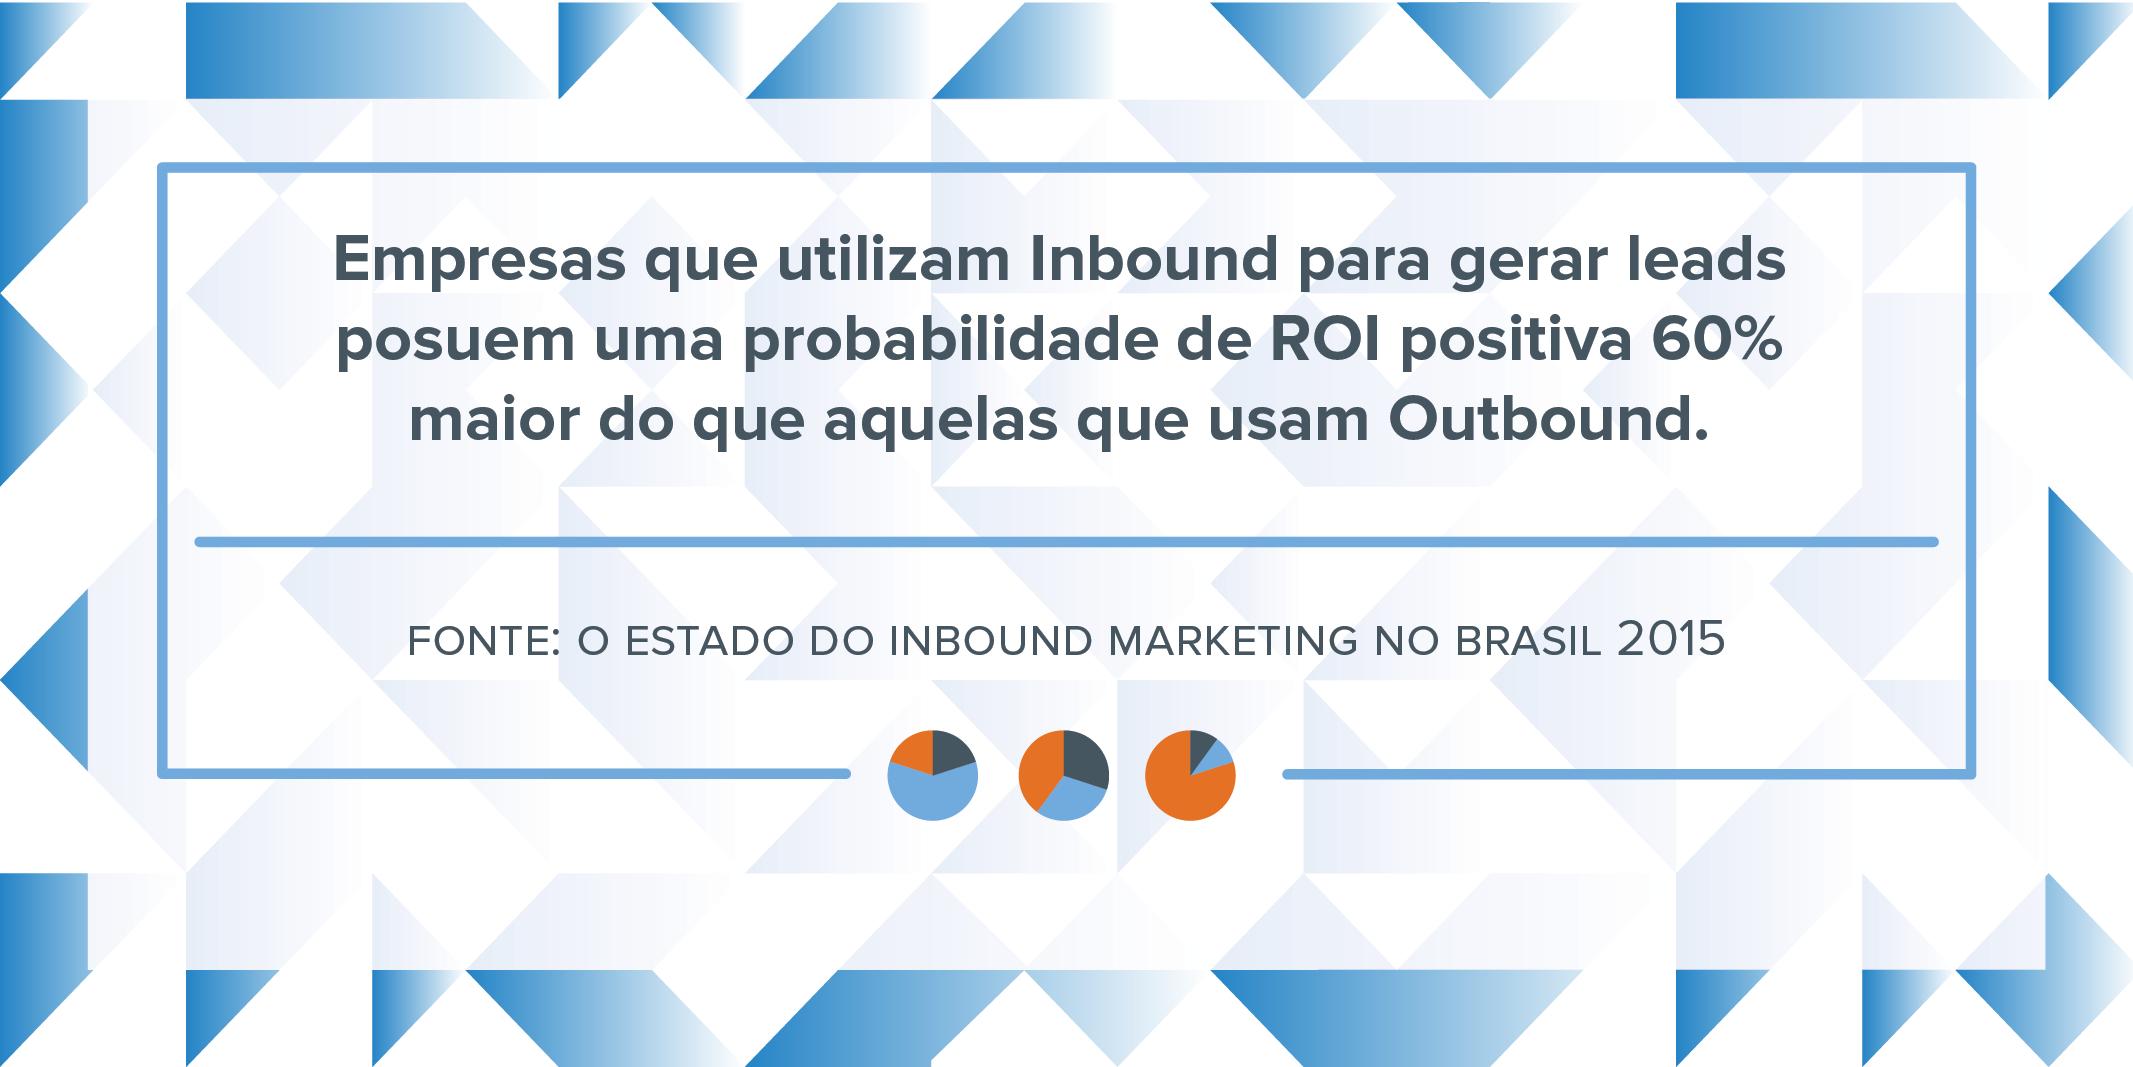 estatisticas-de-inbound-marketing-9.png